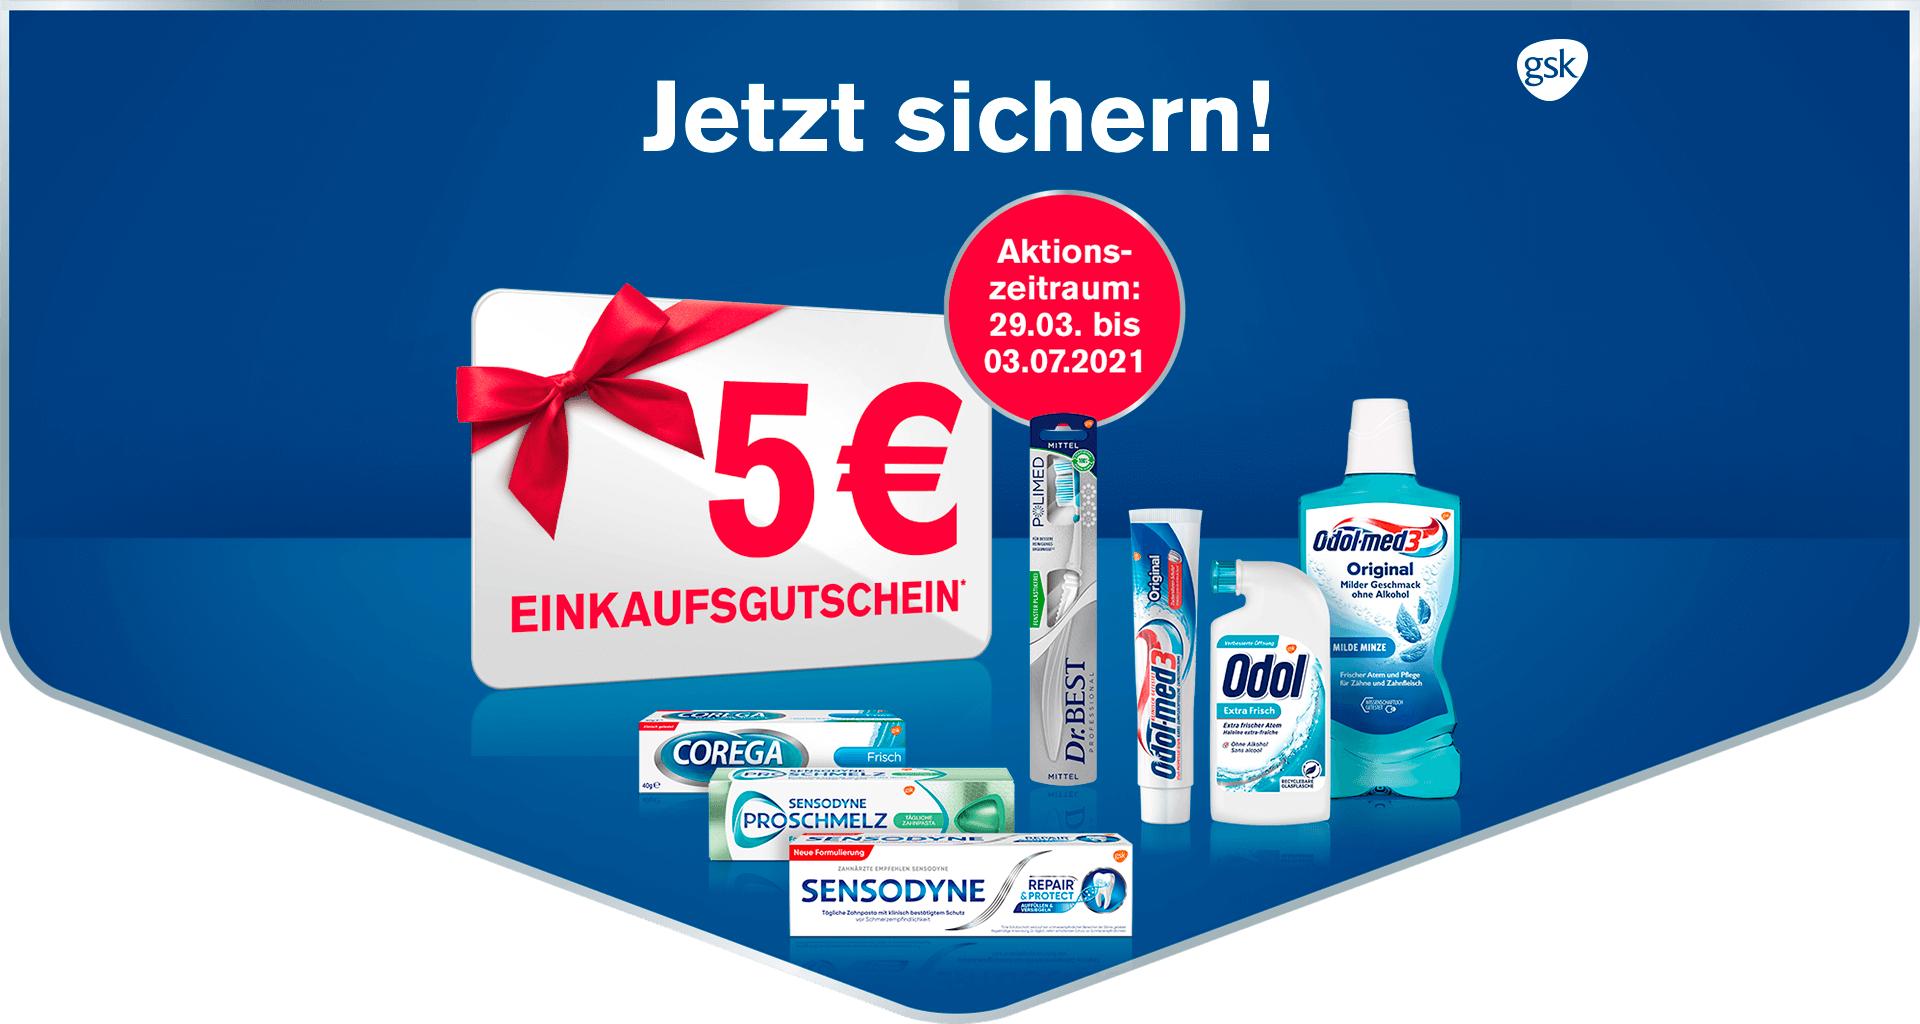 GSK 5 EUR Gutschein ab 10 EUR Einkauf von SENSODYNE, SENSODYNE PROSCHMELZ, Dr.BEST, Odol-med3, Odol und COREGA